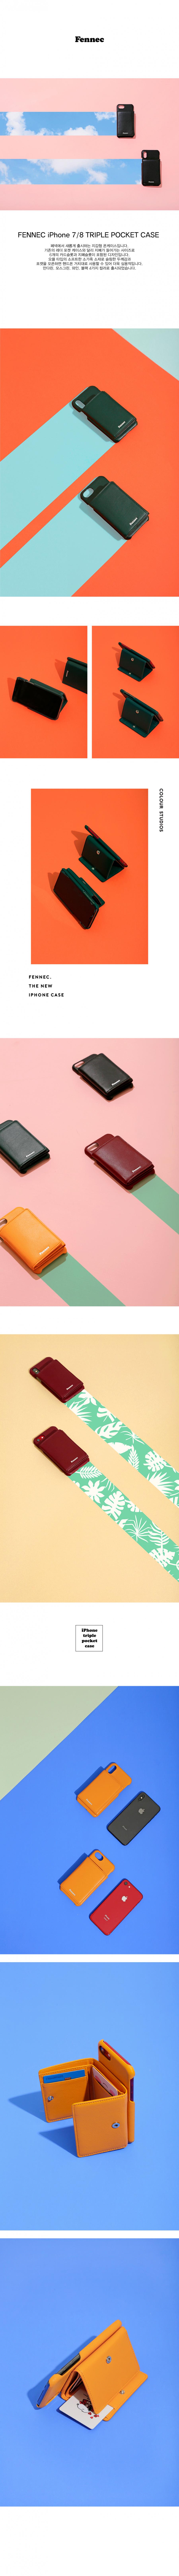 페넥(FENNEC) LEATHER iPHONE 7/8 TRIPLE POCKET CASE - MANDARIN